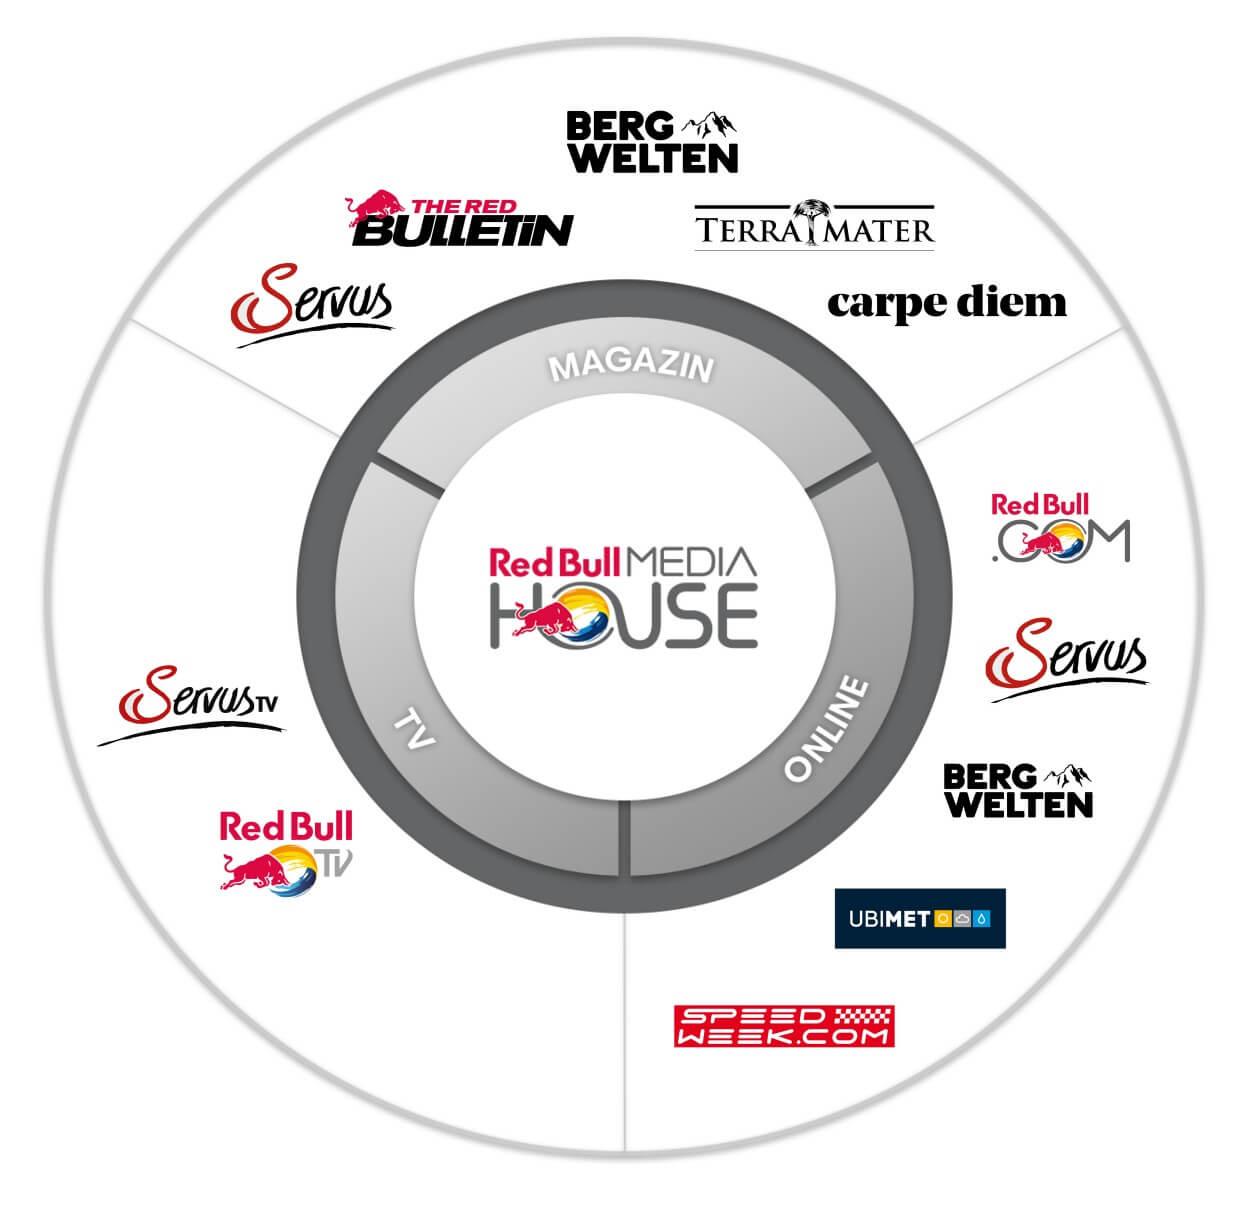 Global partnership opportunities | Red Bull Media House